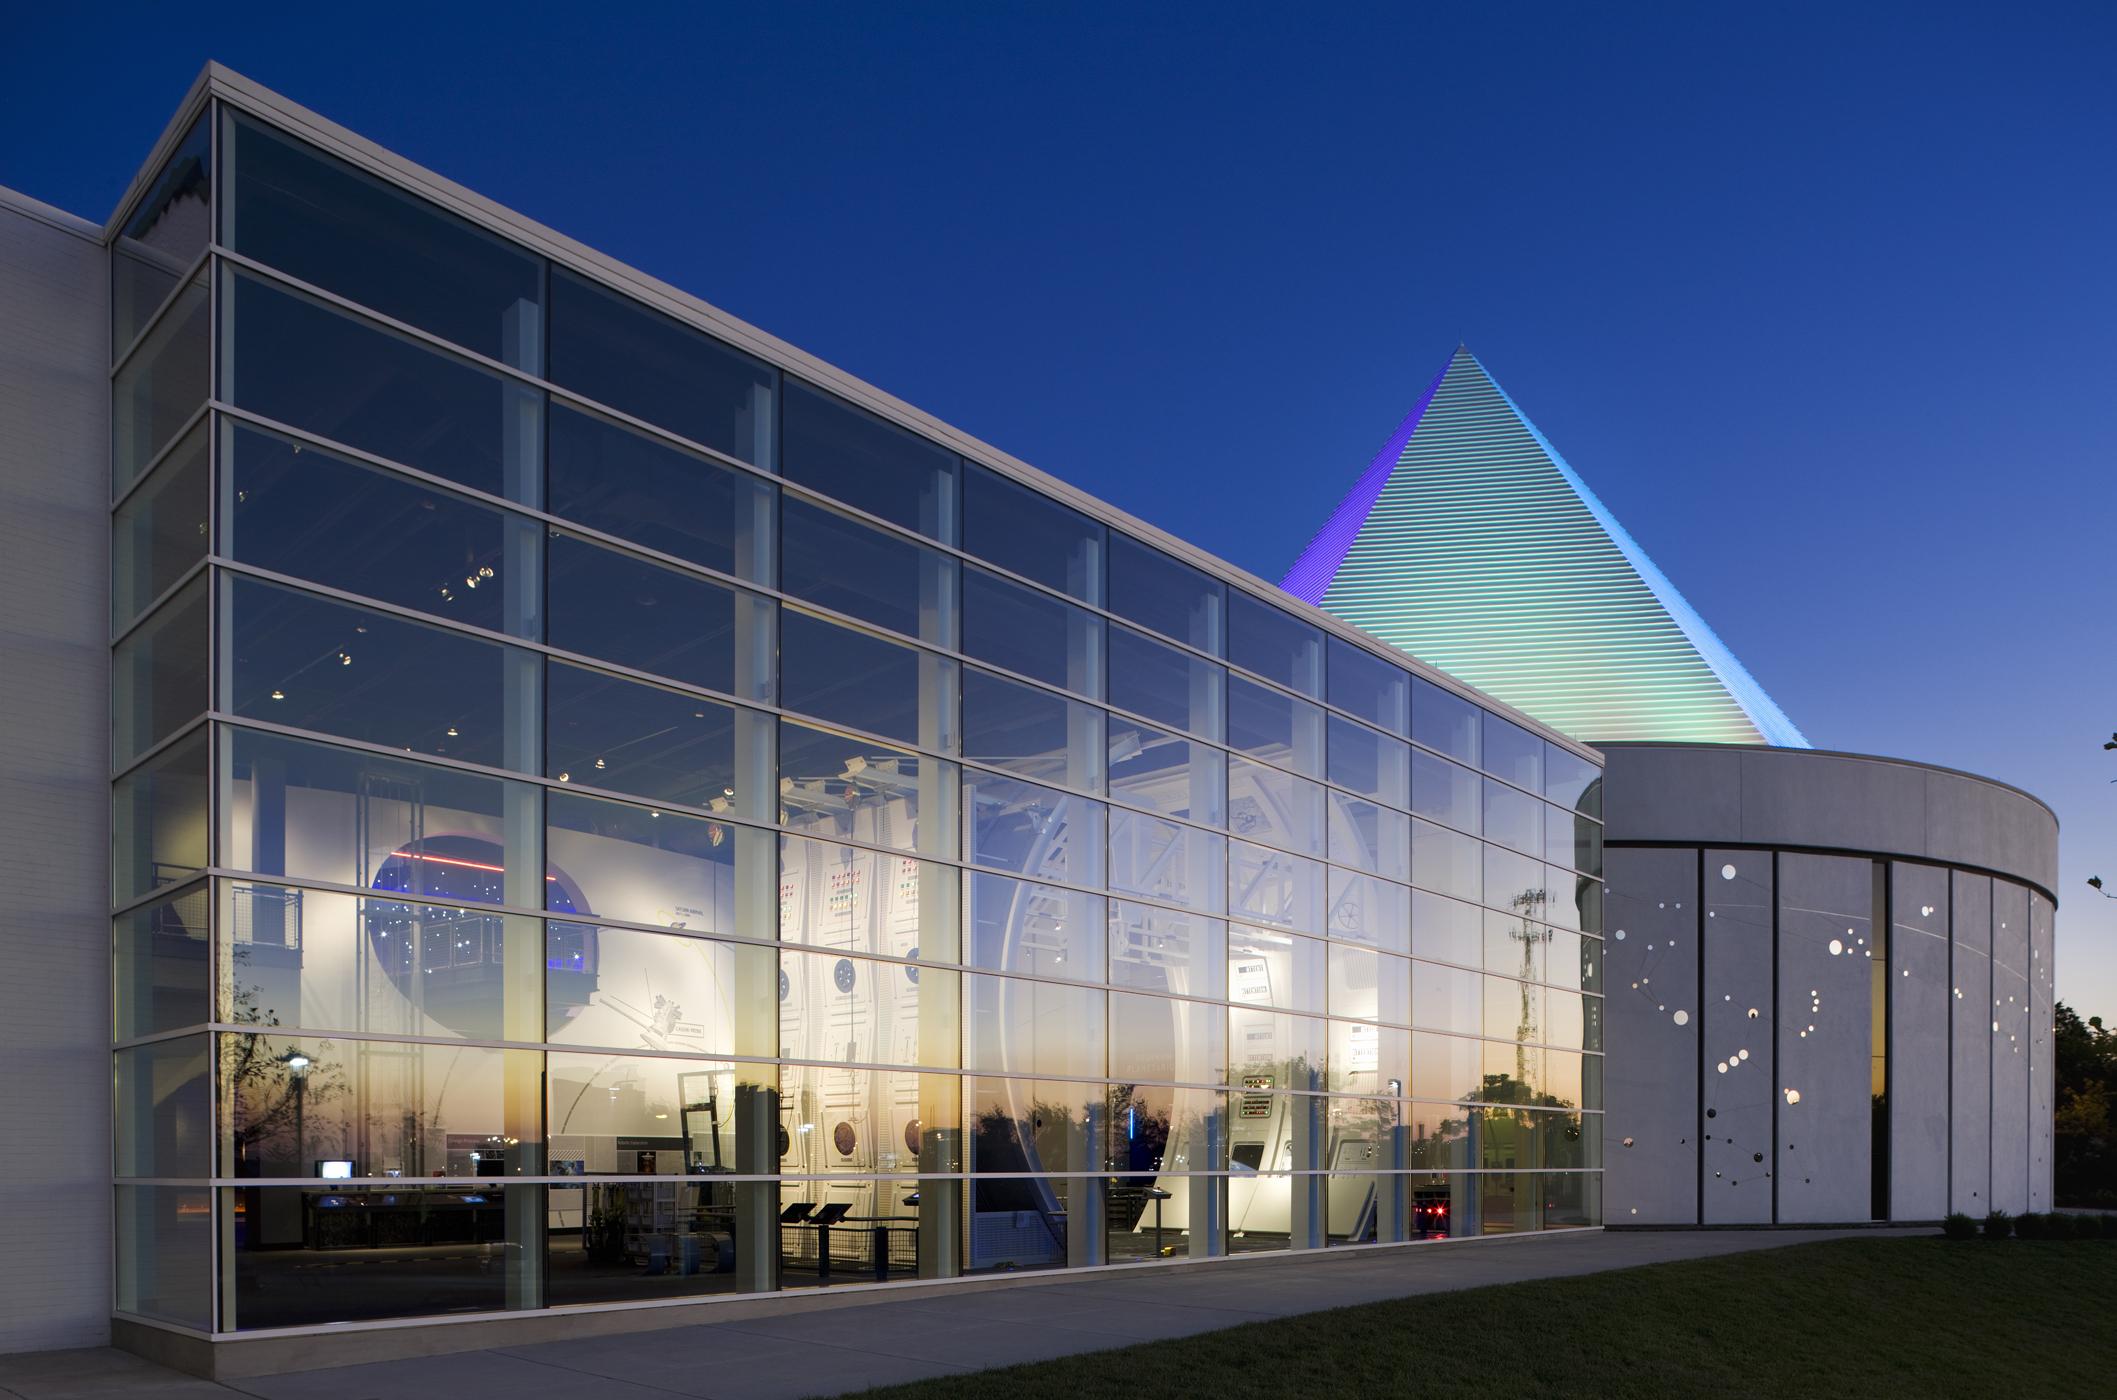 Adventure Science Center Air & Space Wing and Sudekum Planetarium